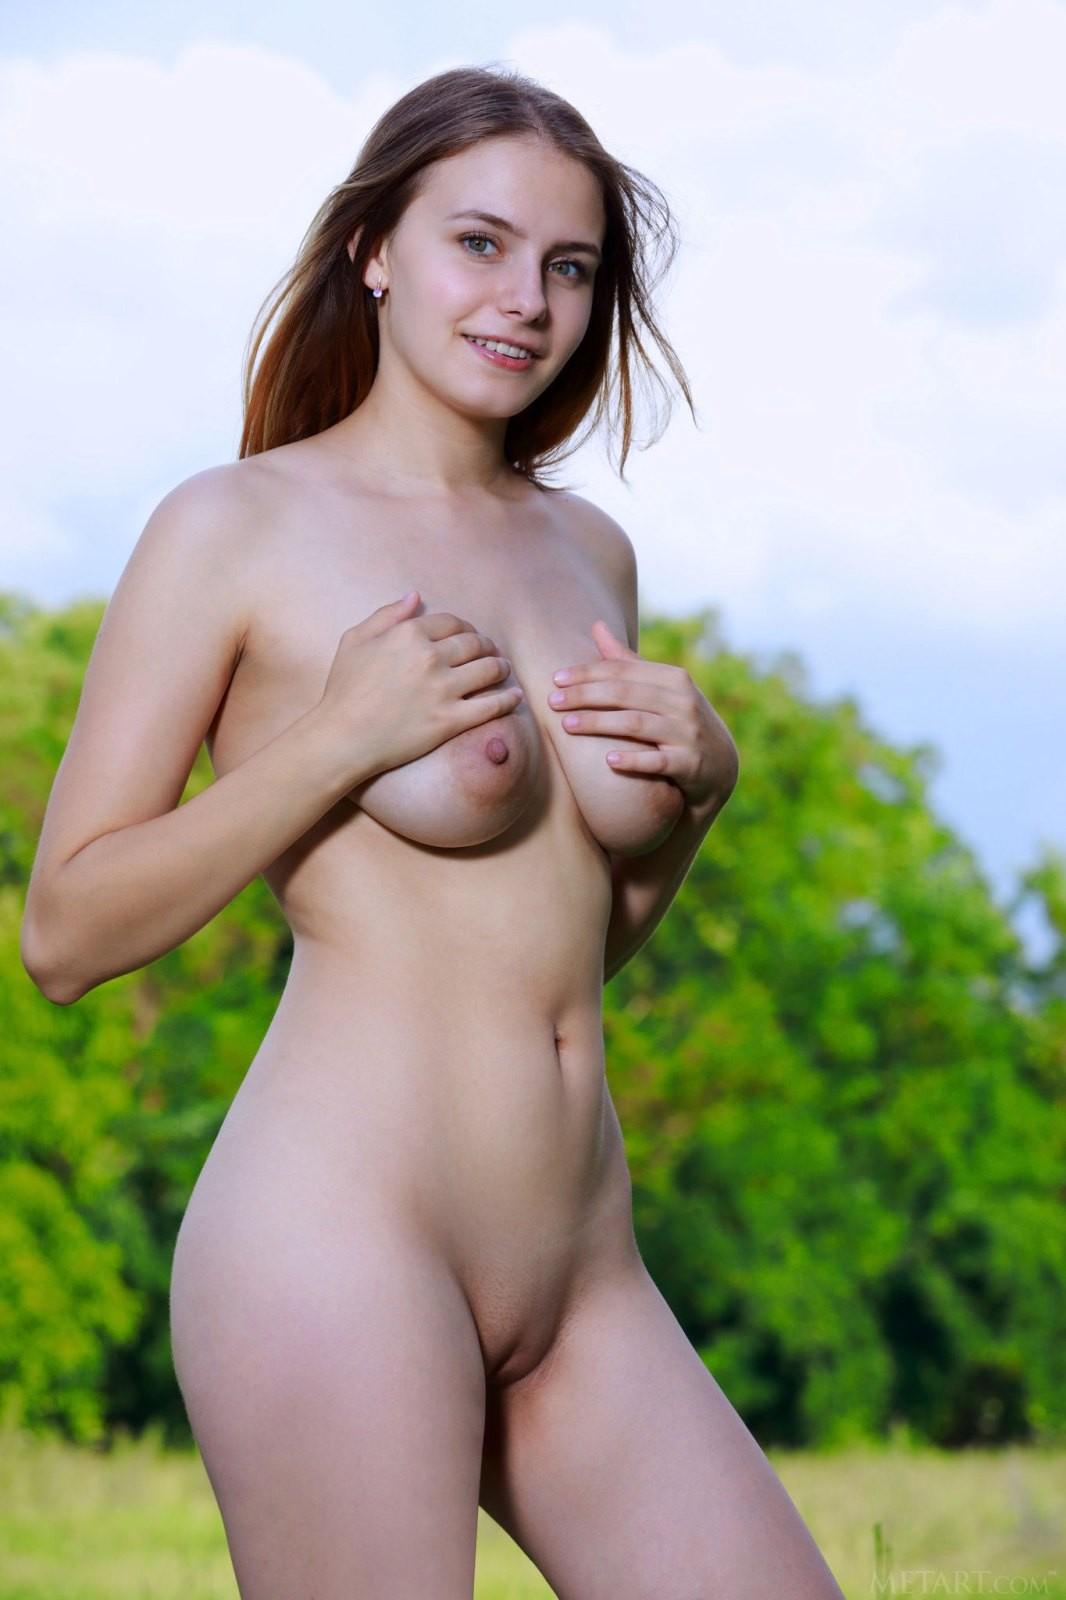 Девица с висячими сиськами на природе - фото